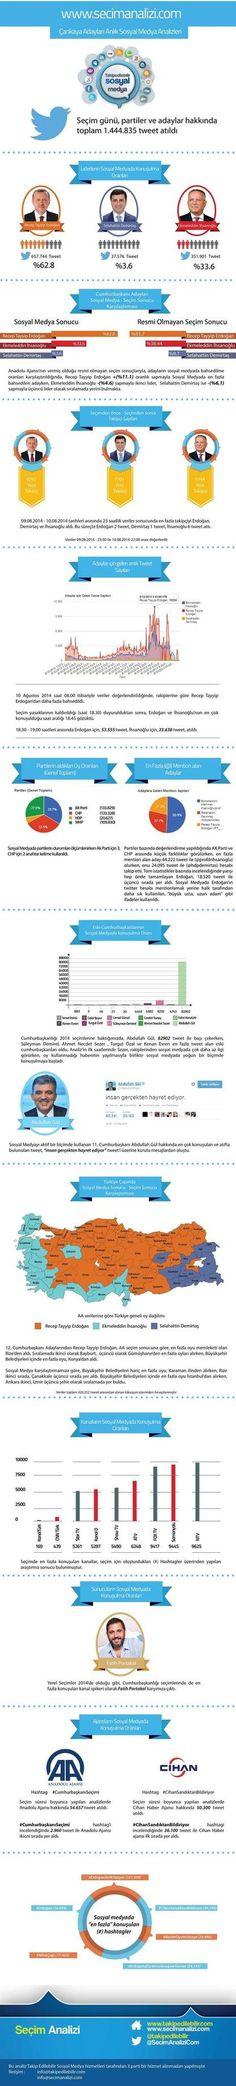 2014 CB Seçimleri - Sosyal Medya